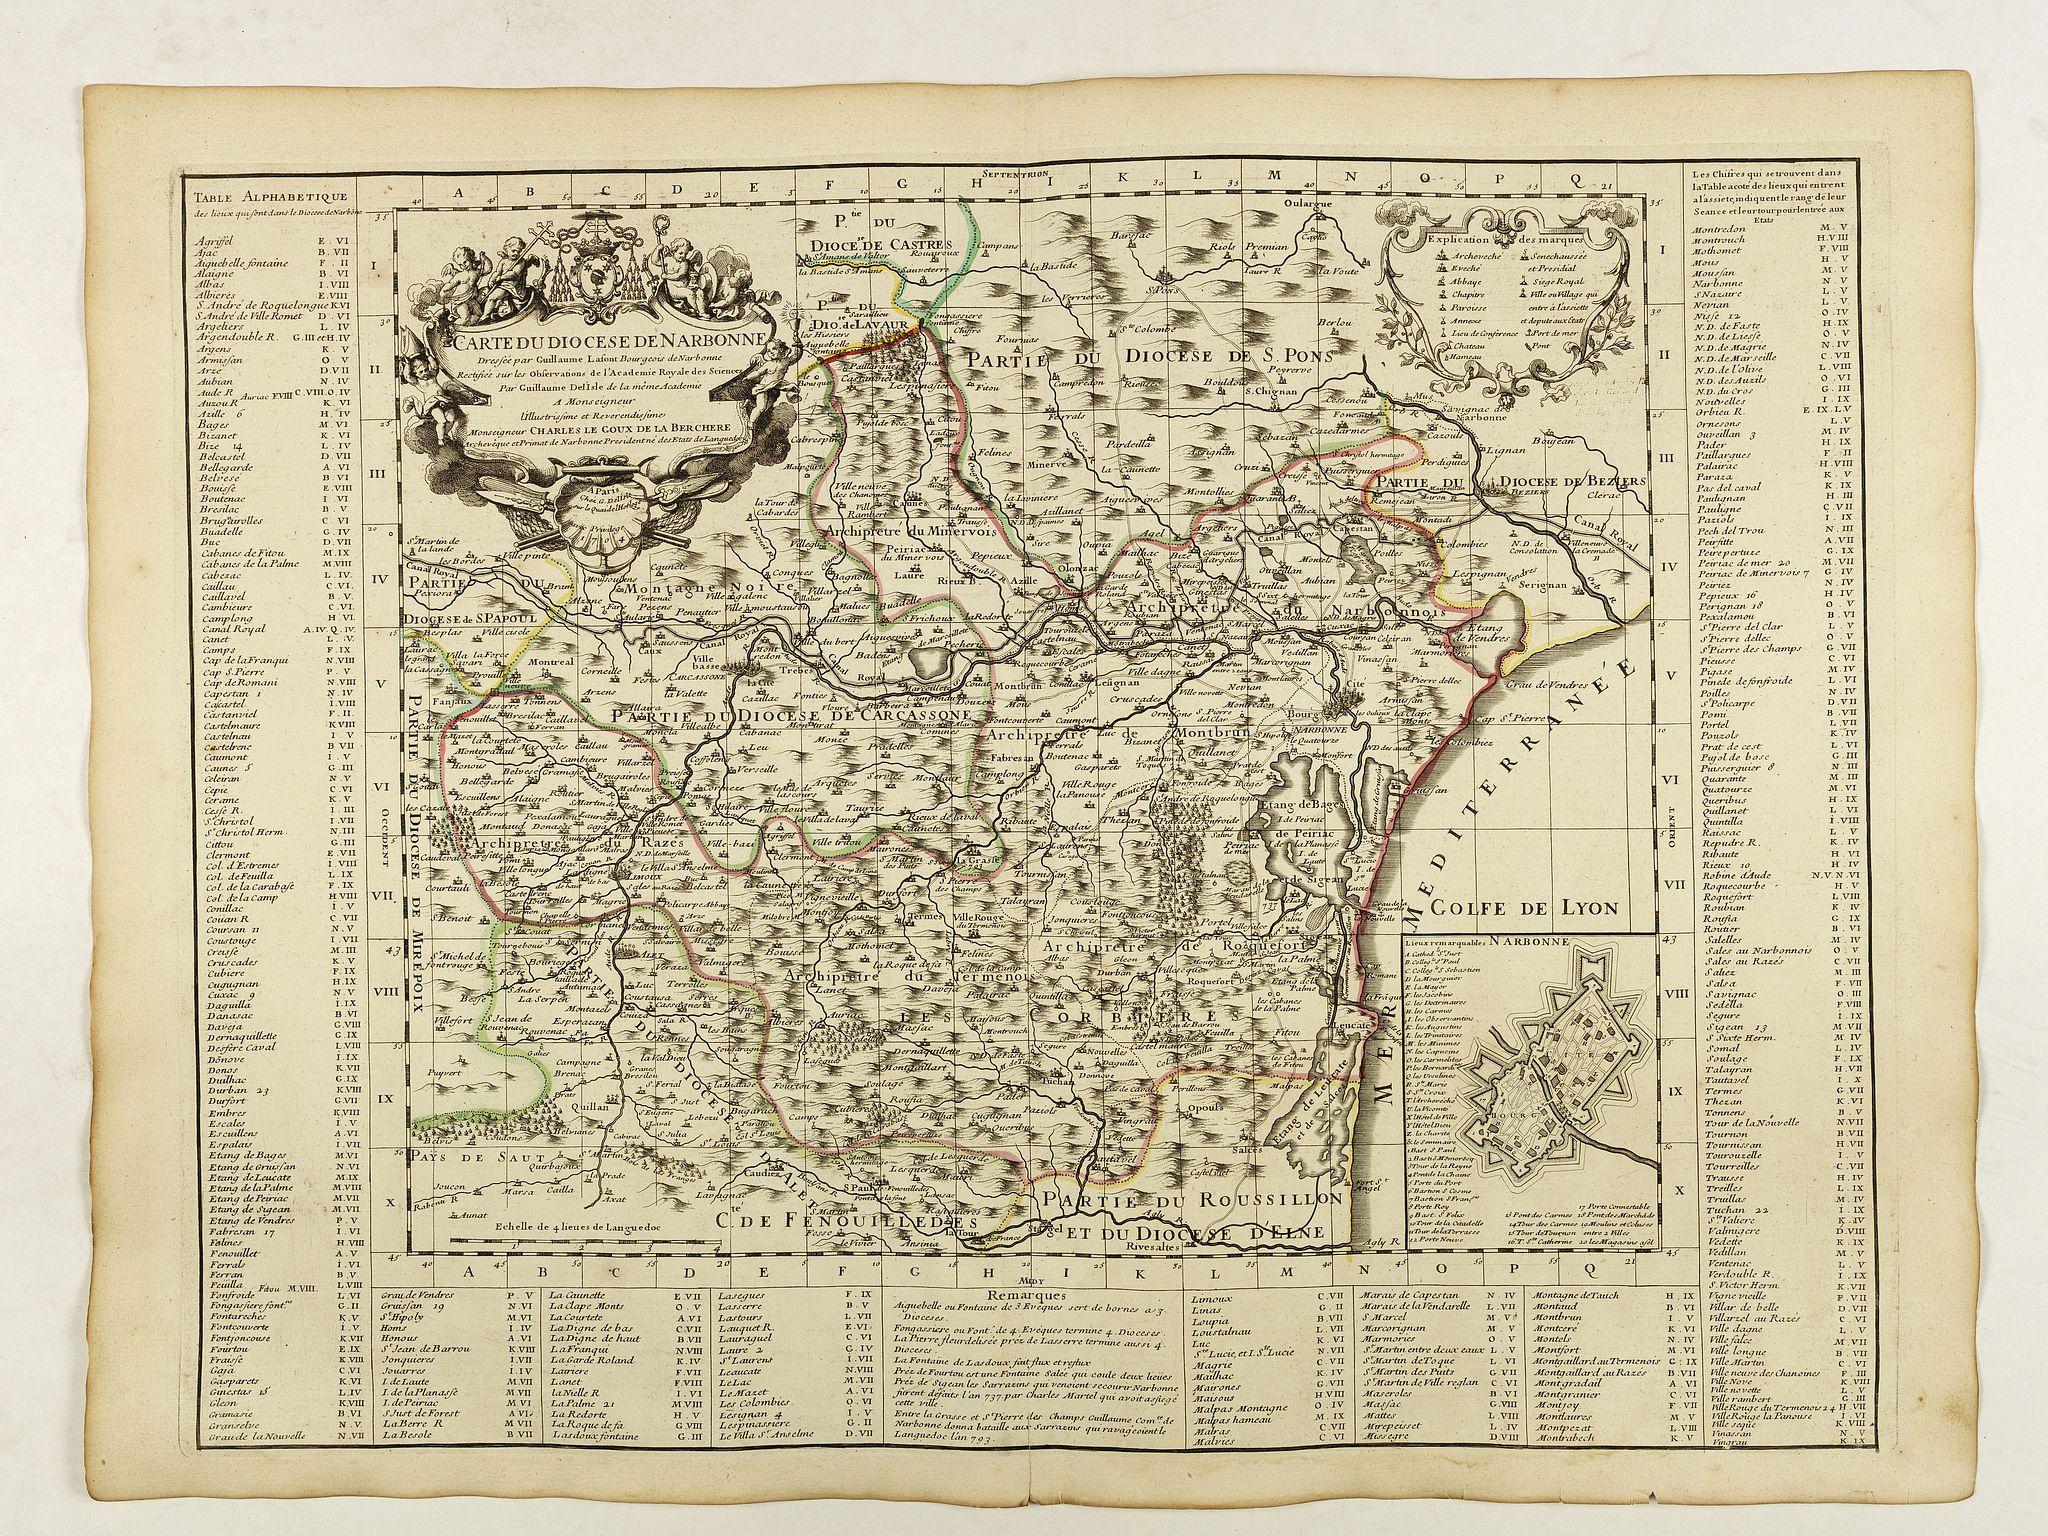 DELISLE, G. -  Carte du Diocese de Narbonne.